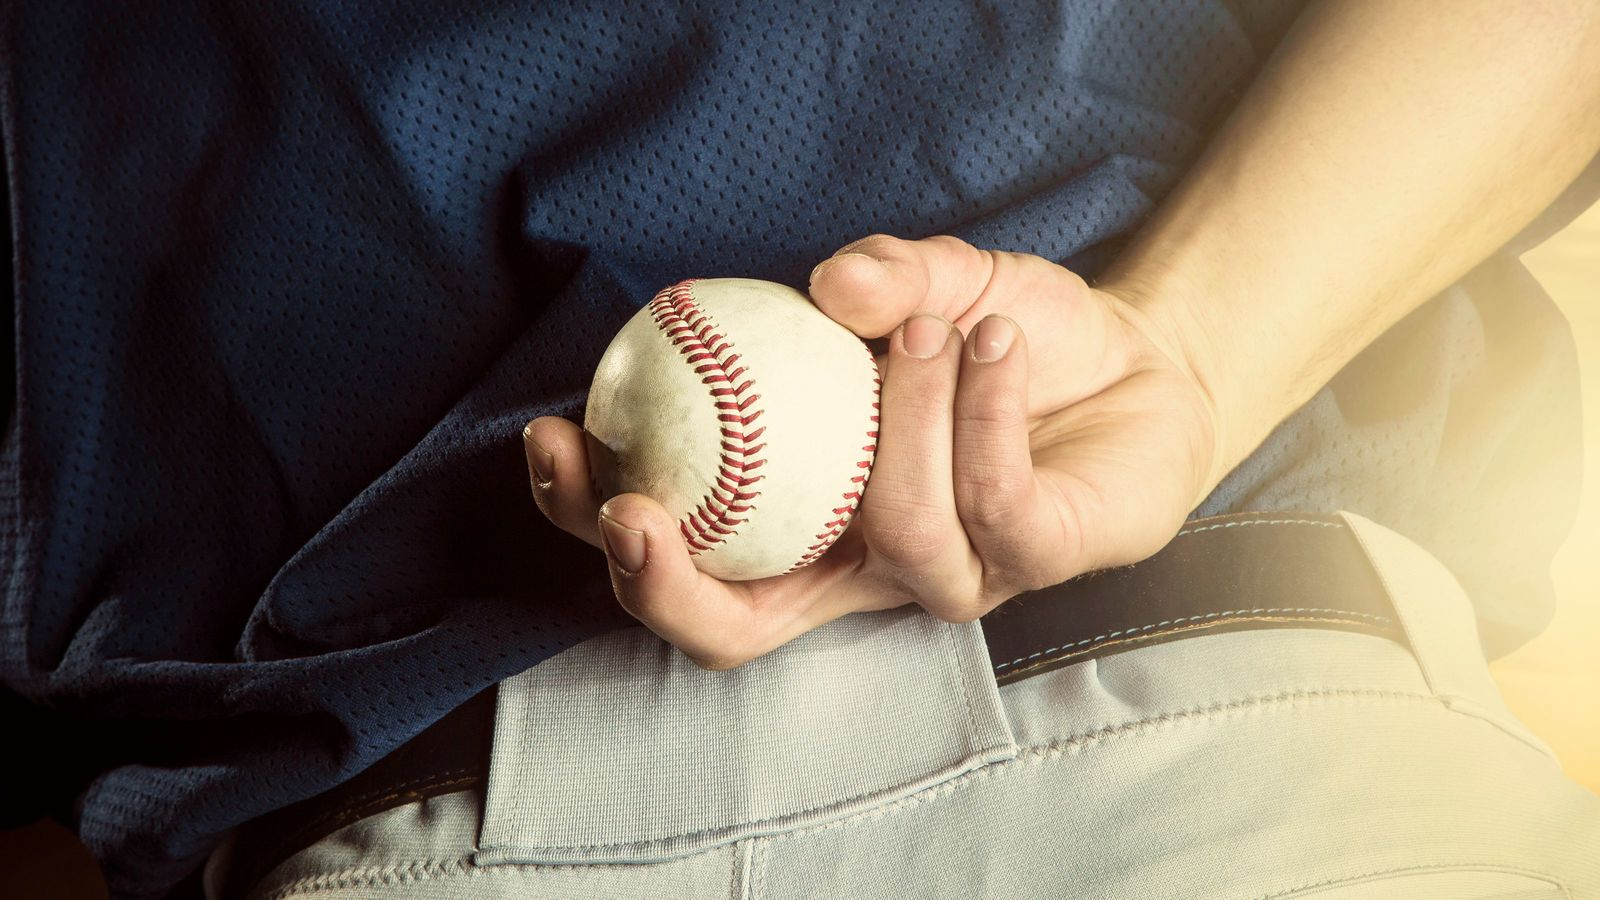 「球が速い」と「打たせて捕る」、いいピッチャーはどっち? 投手に期待されている役割はなにか